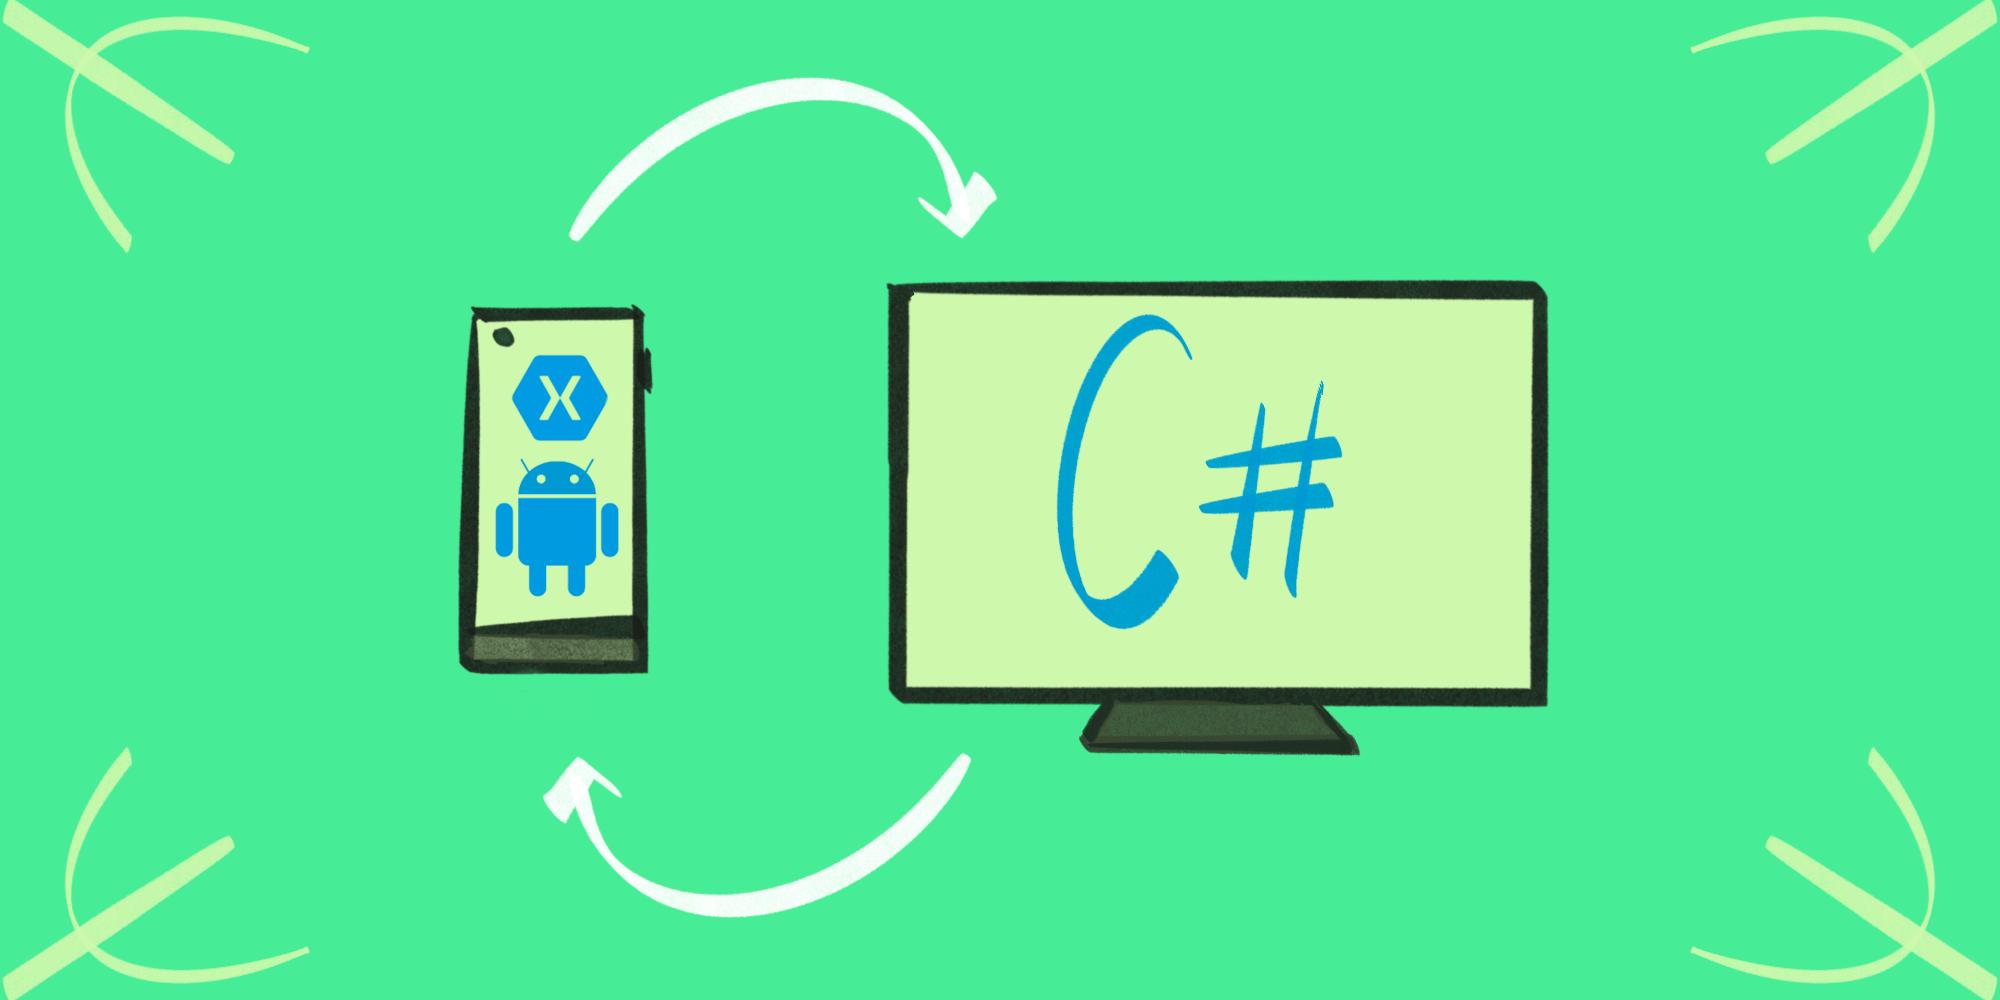 Как управлять компьютером со смартфона по Wi-Fi: пишем Android-приложение на С#